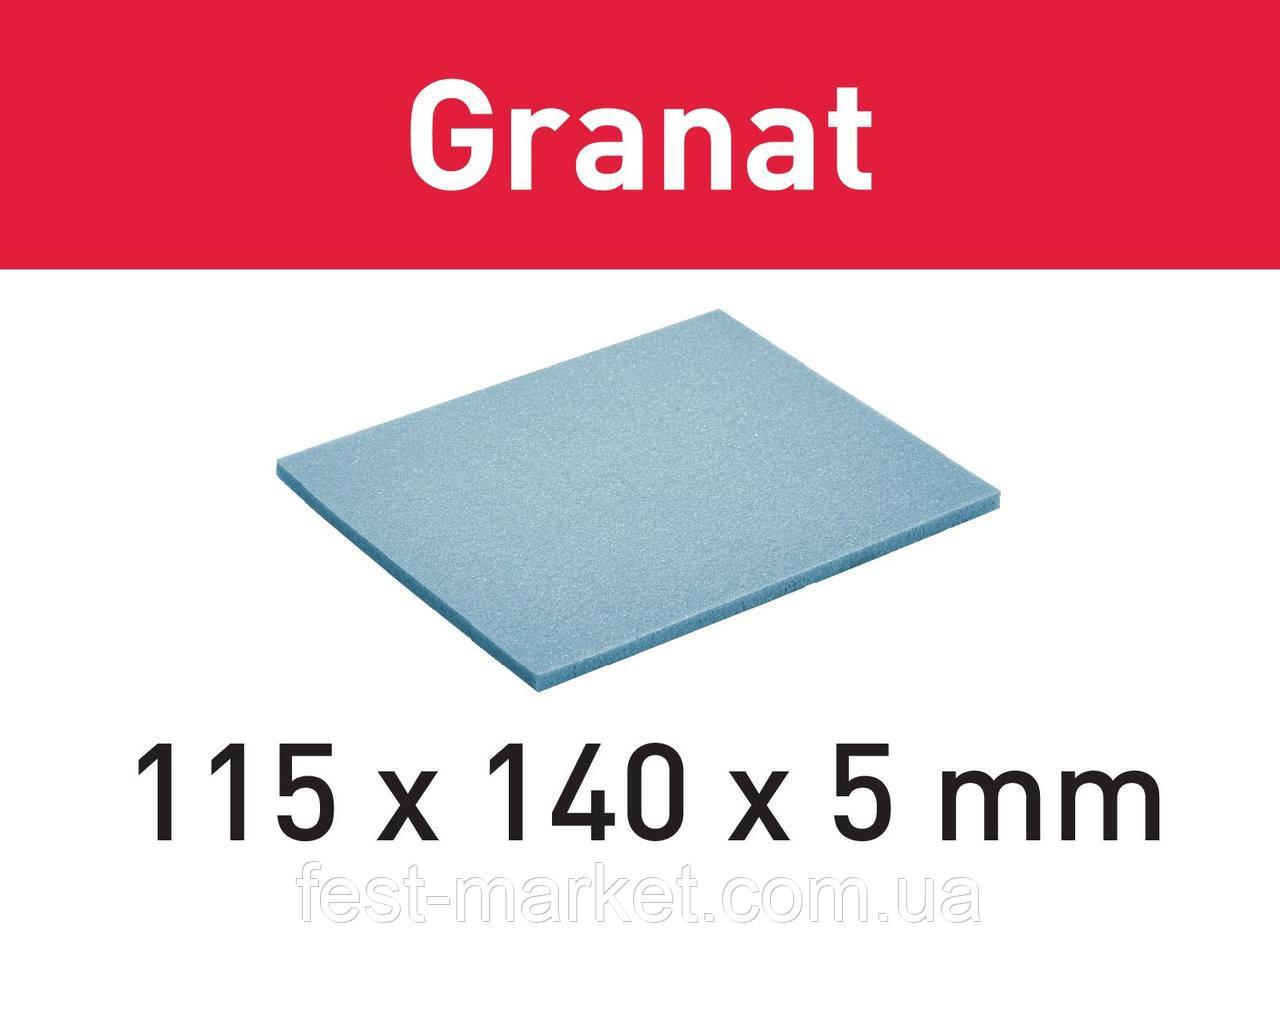 Губка шлифовальная 115 мм x 140 мм x 5 мм MF 1500 GR/20 Festool 201102